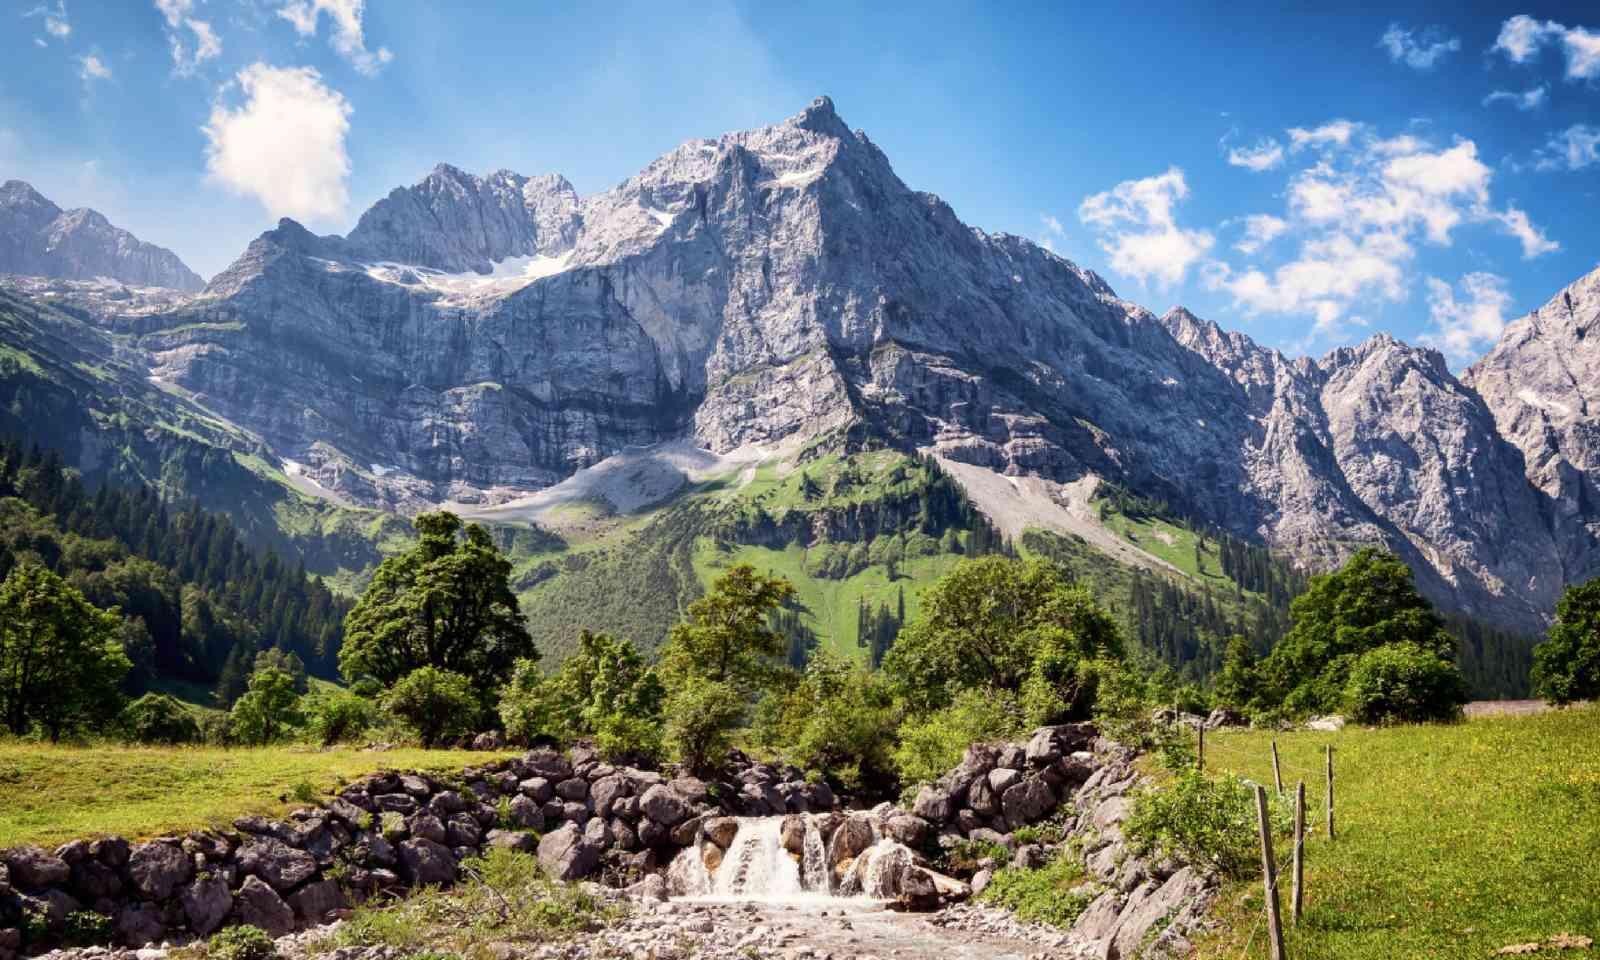 Karwendel mountains in Austria (Shutterstock)